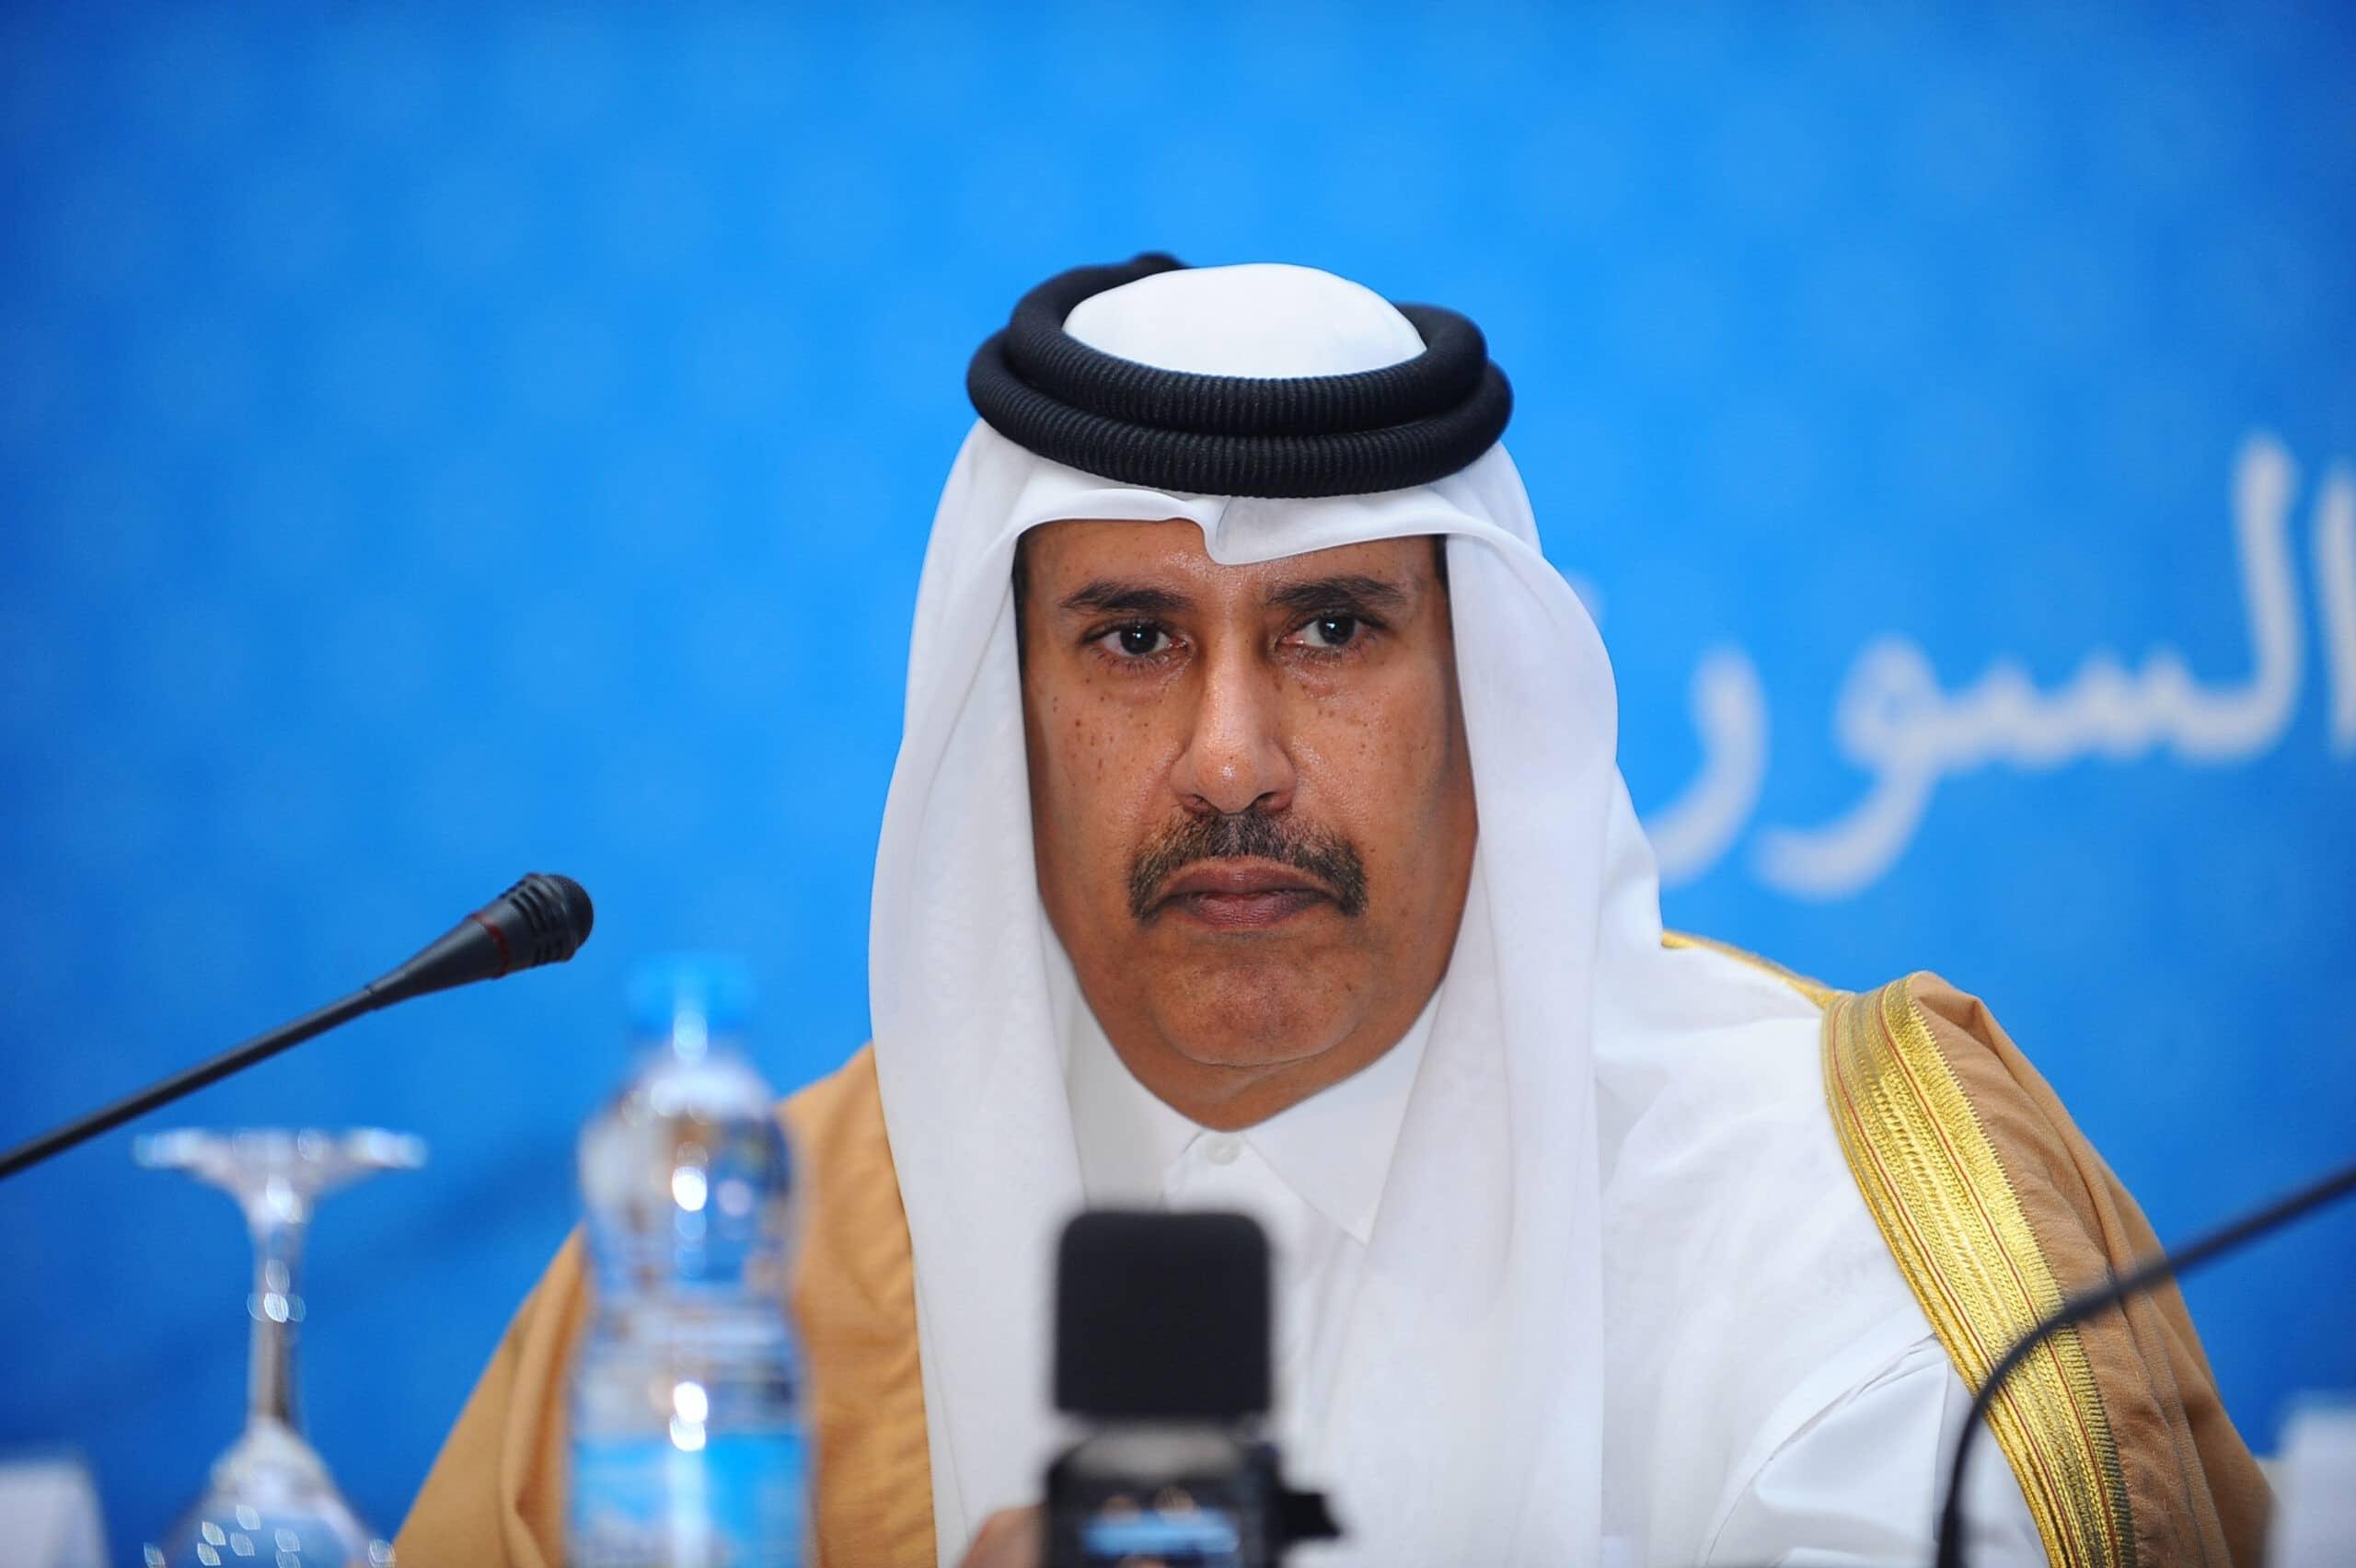 حمد بن جاسم يكشف ما يجب التركيز عليه بعد المصالحة في ظل الظروف الحالية